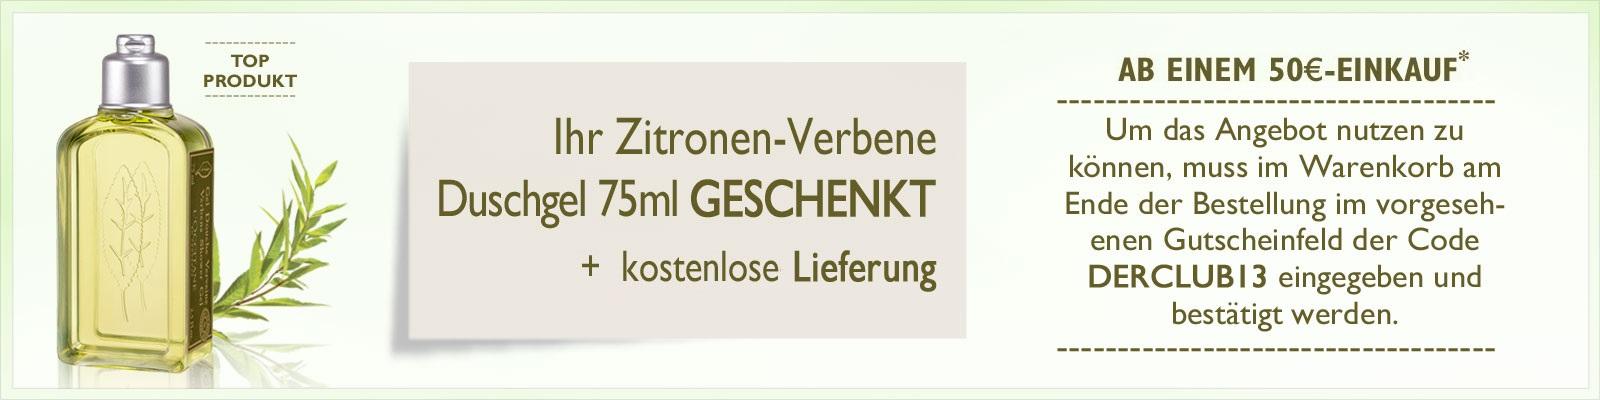 Exklusiv-Angebot Zitronen-Verbene Duschgel - L'Occitane Deutschland